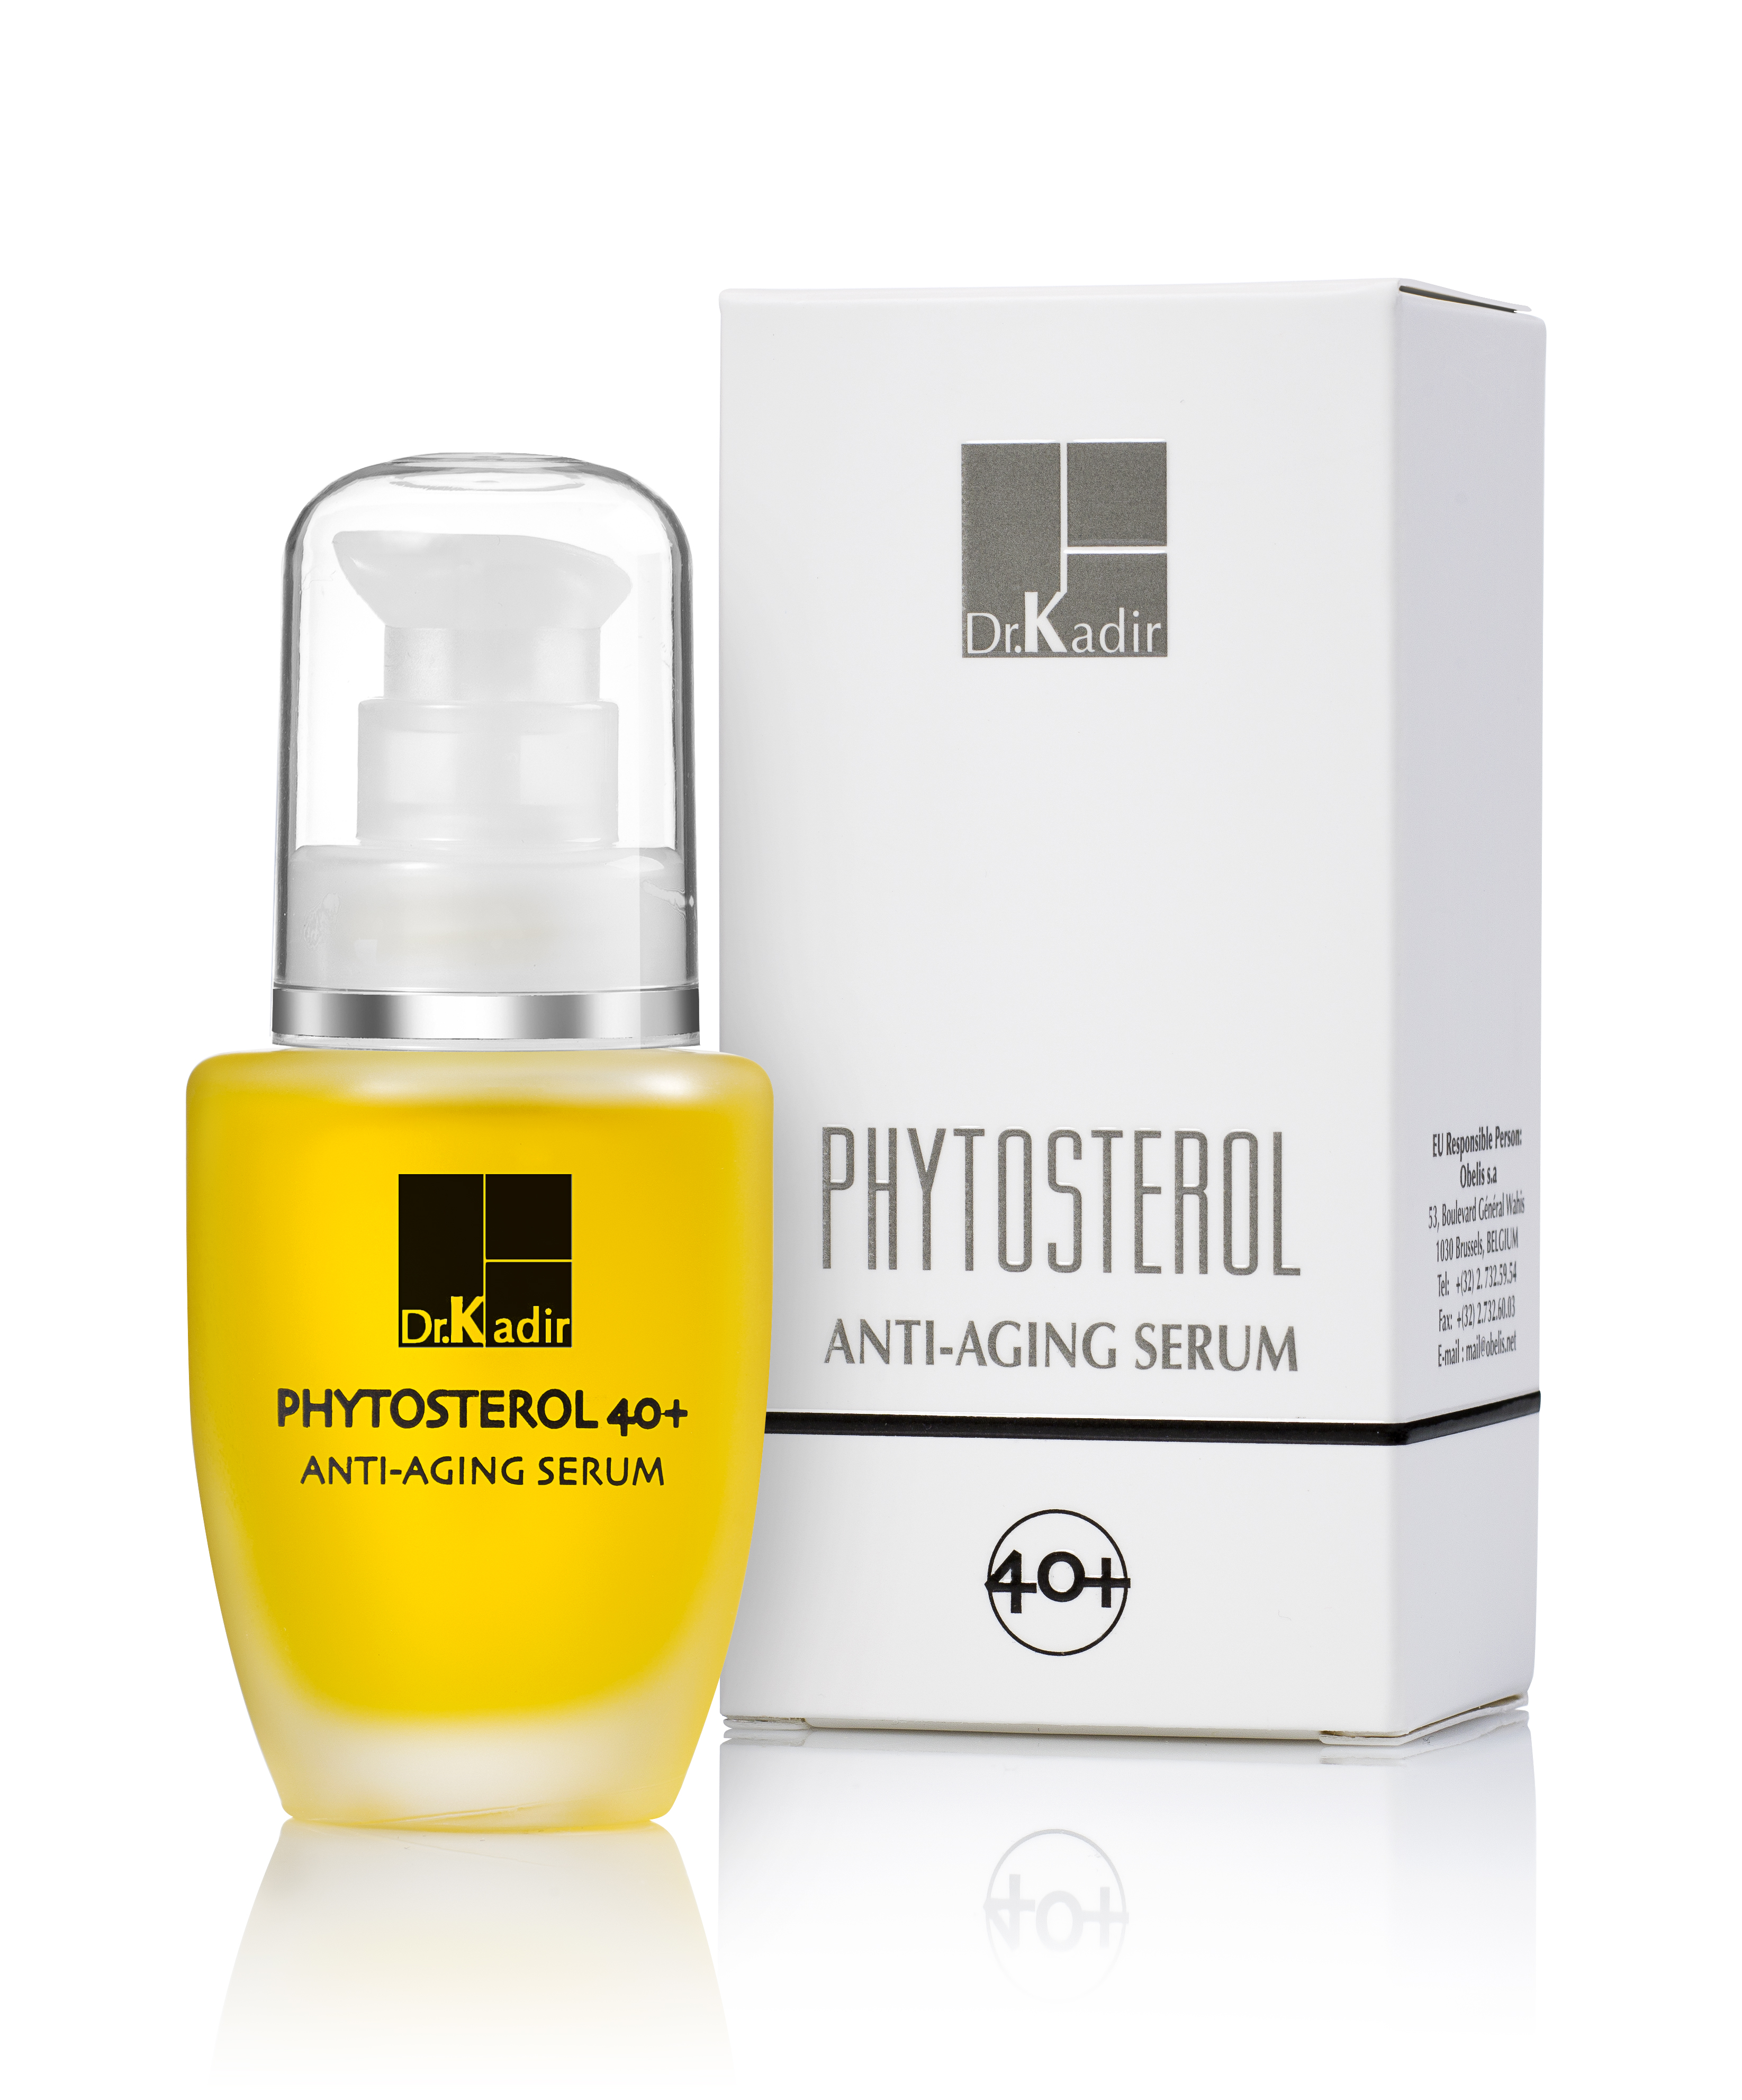 DR KADIR Сыворотка регенерирующая для сухой кожи / Phytosterol 40+ home care 30мл